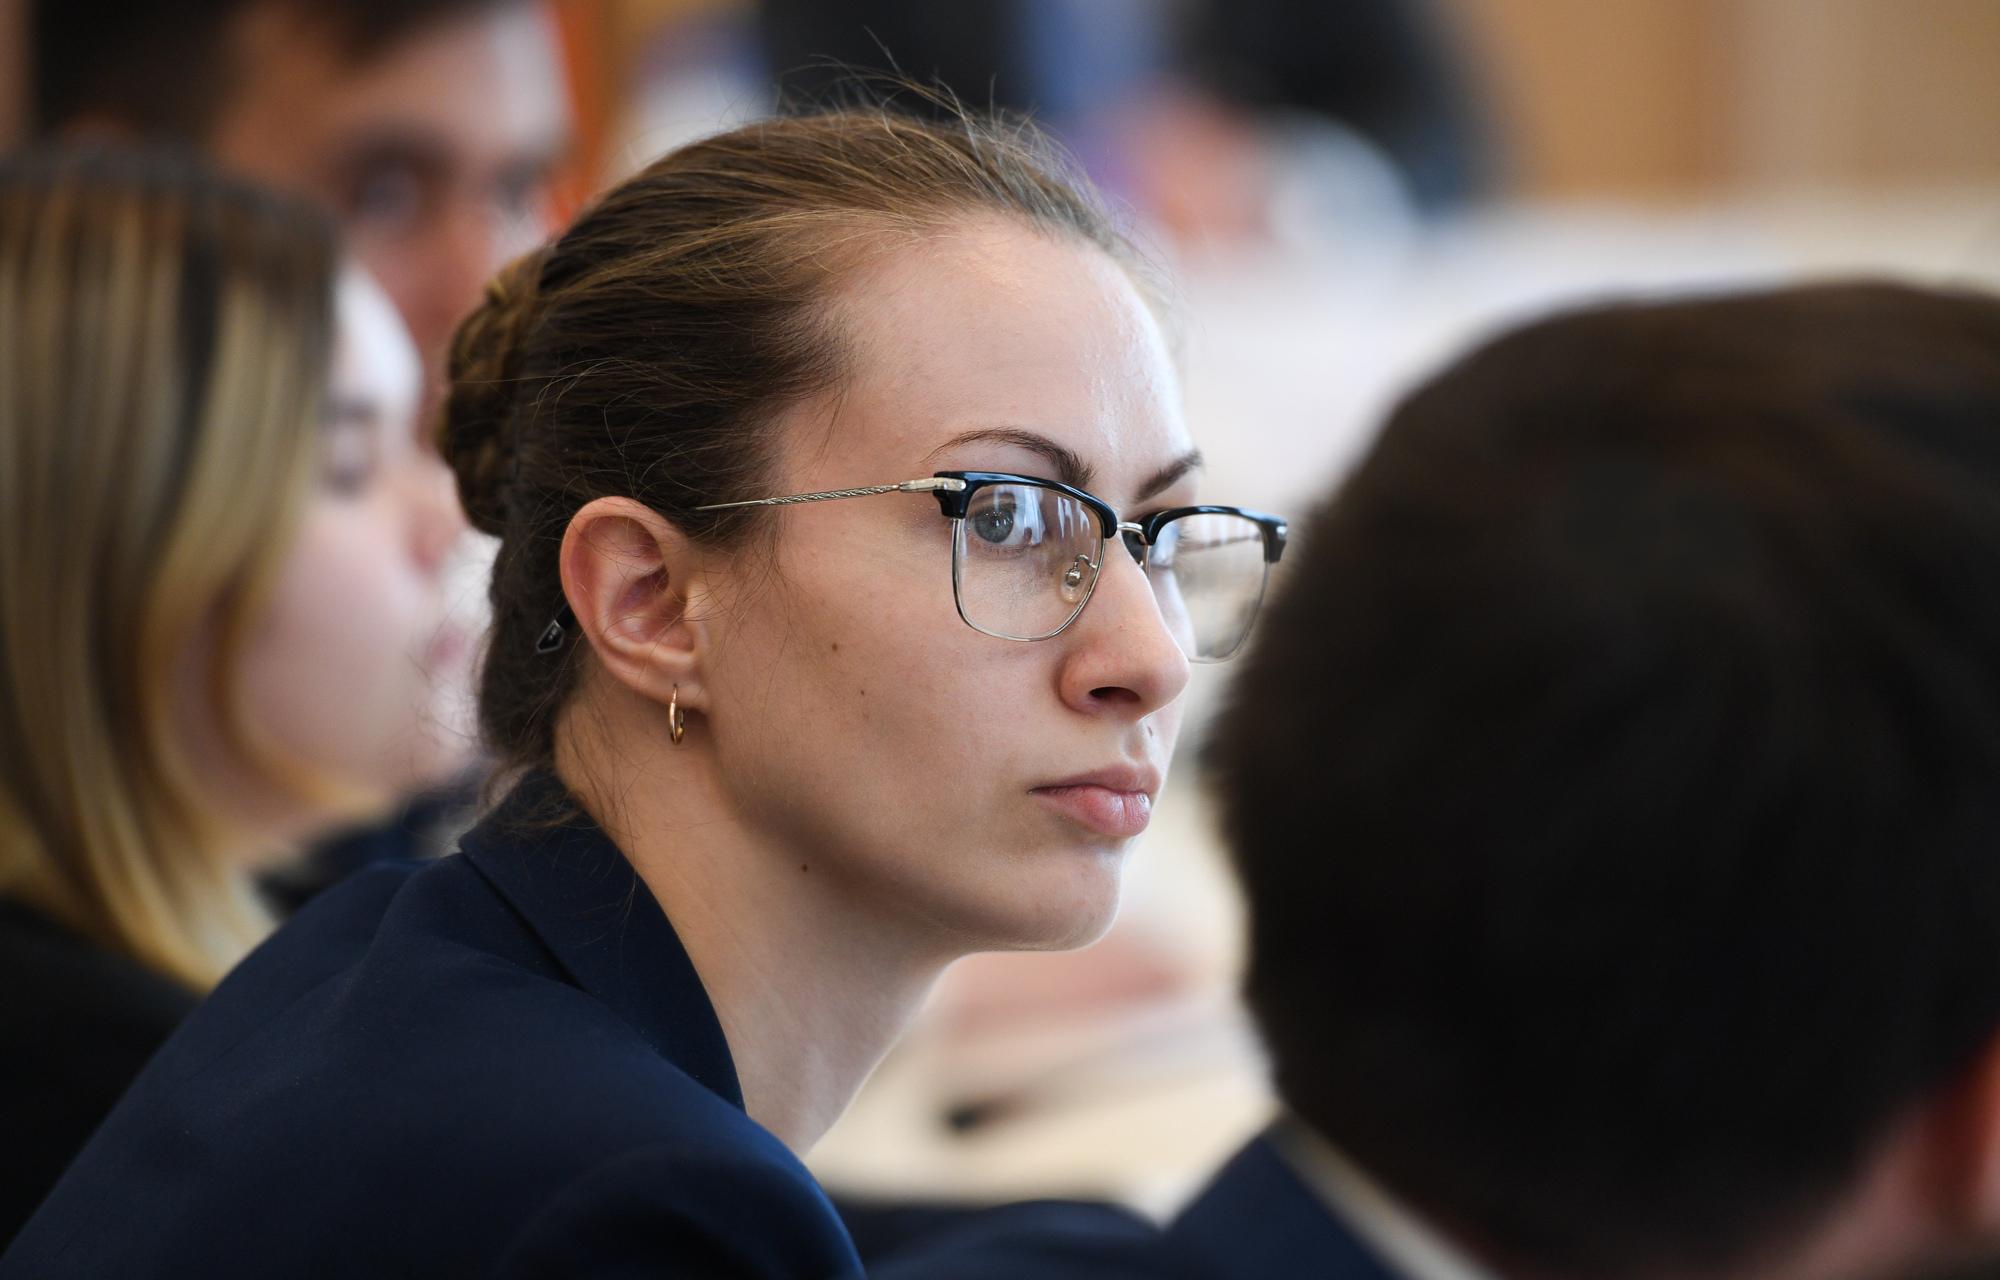 Дарья Лаврикова: Люди, которые выкладывают фейковые фотографии, открыто хамят нашим семьям и памяти победителей